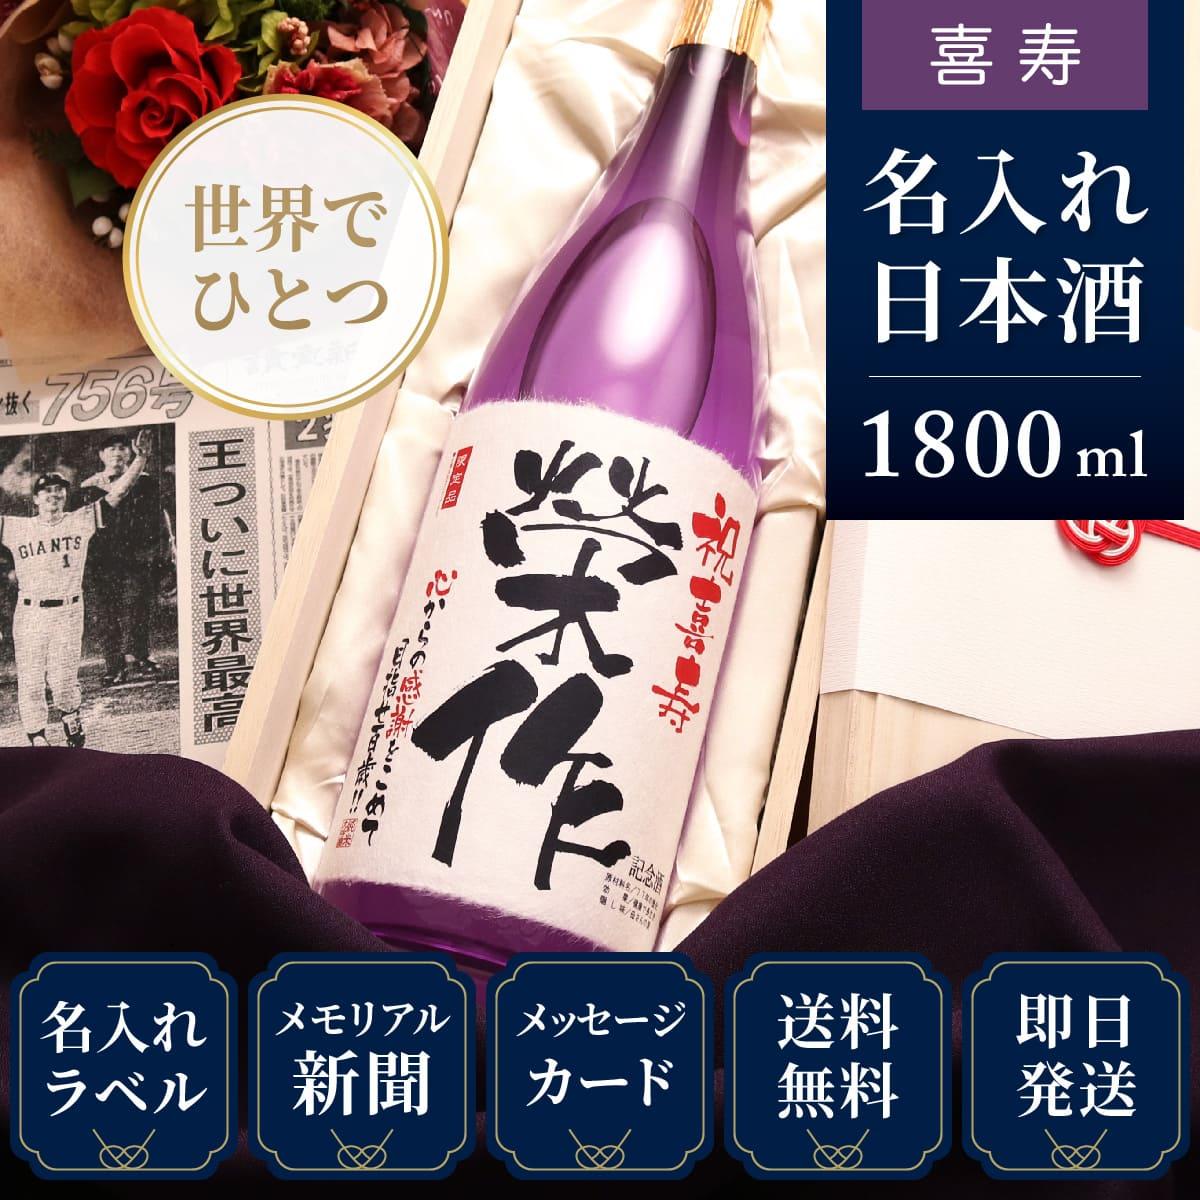 喜寿祝いプレゼント|誕生日の新聞付き名入れ「紫龍」1800ml(日本酒)